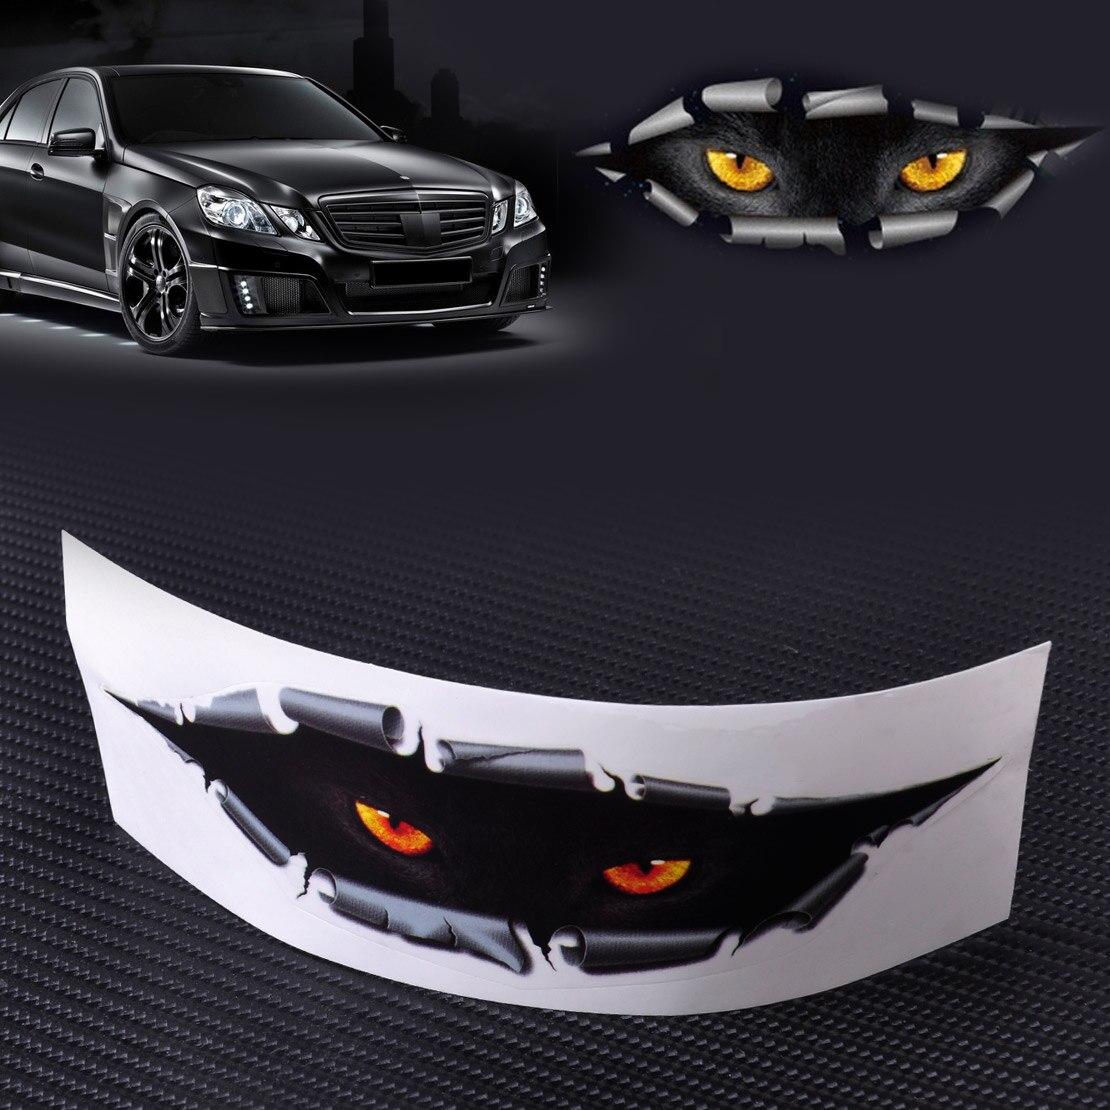 СИТАЛЛ автомобиль-стайлинг забавный 3D моделирование монстр глаз леопарда выглядывает стикер окна автомобиля авто зеркало Грузовики холодильник весь корпус